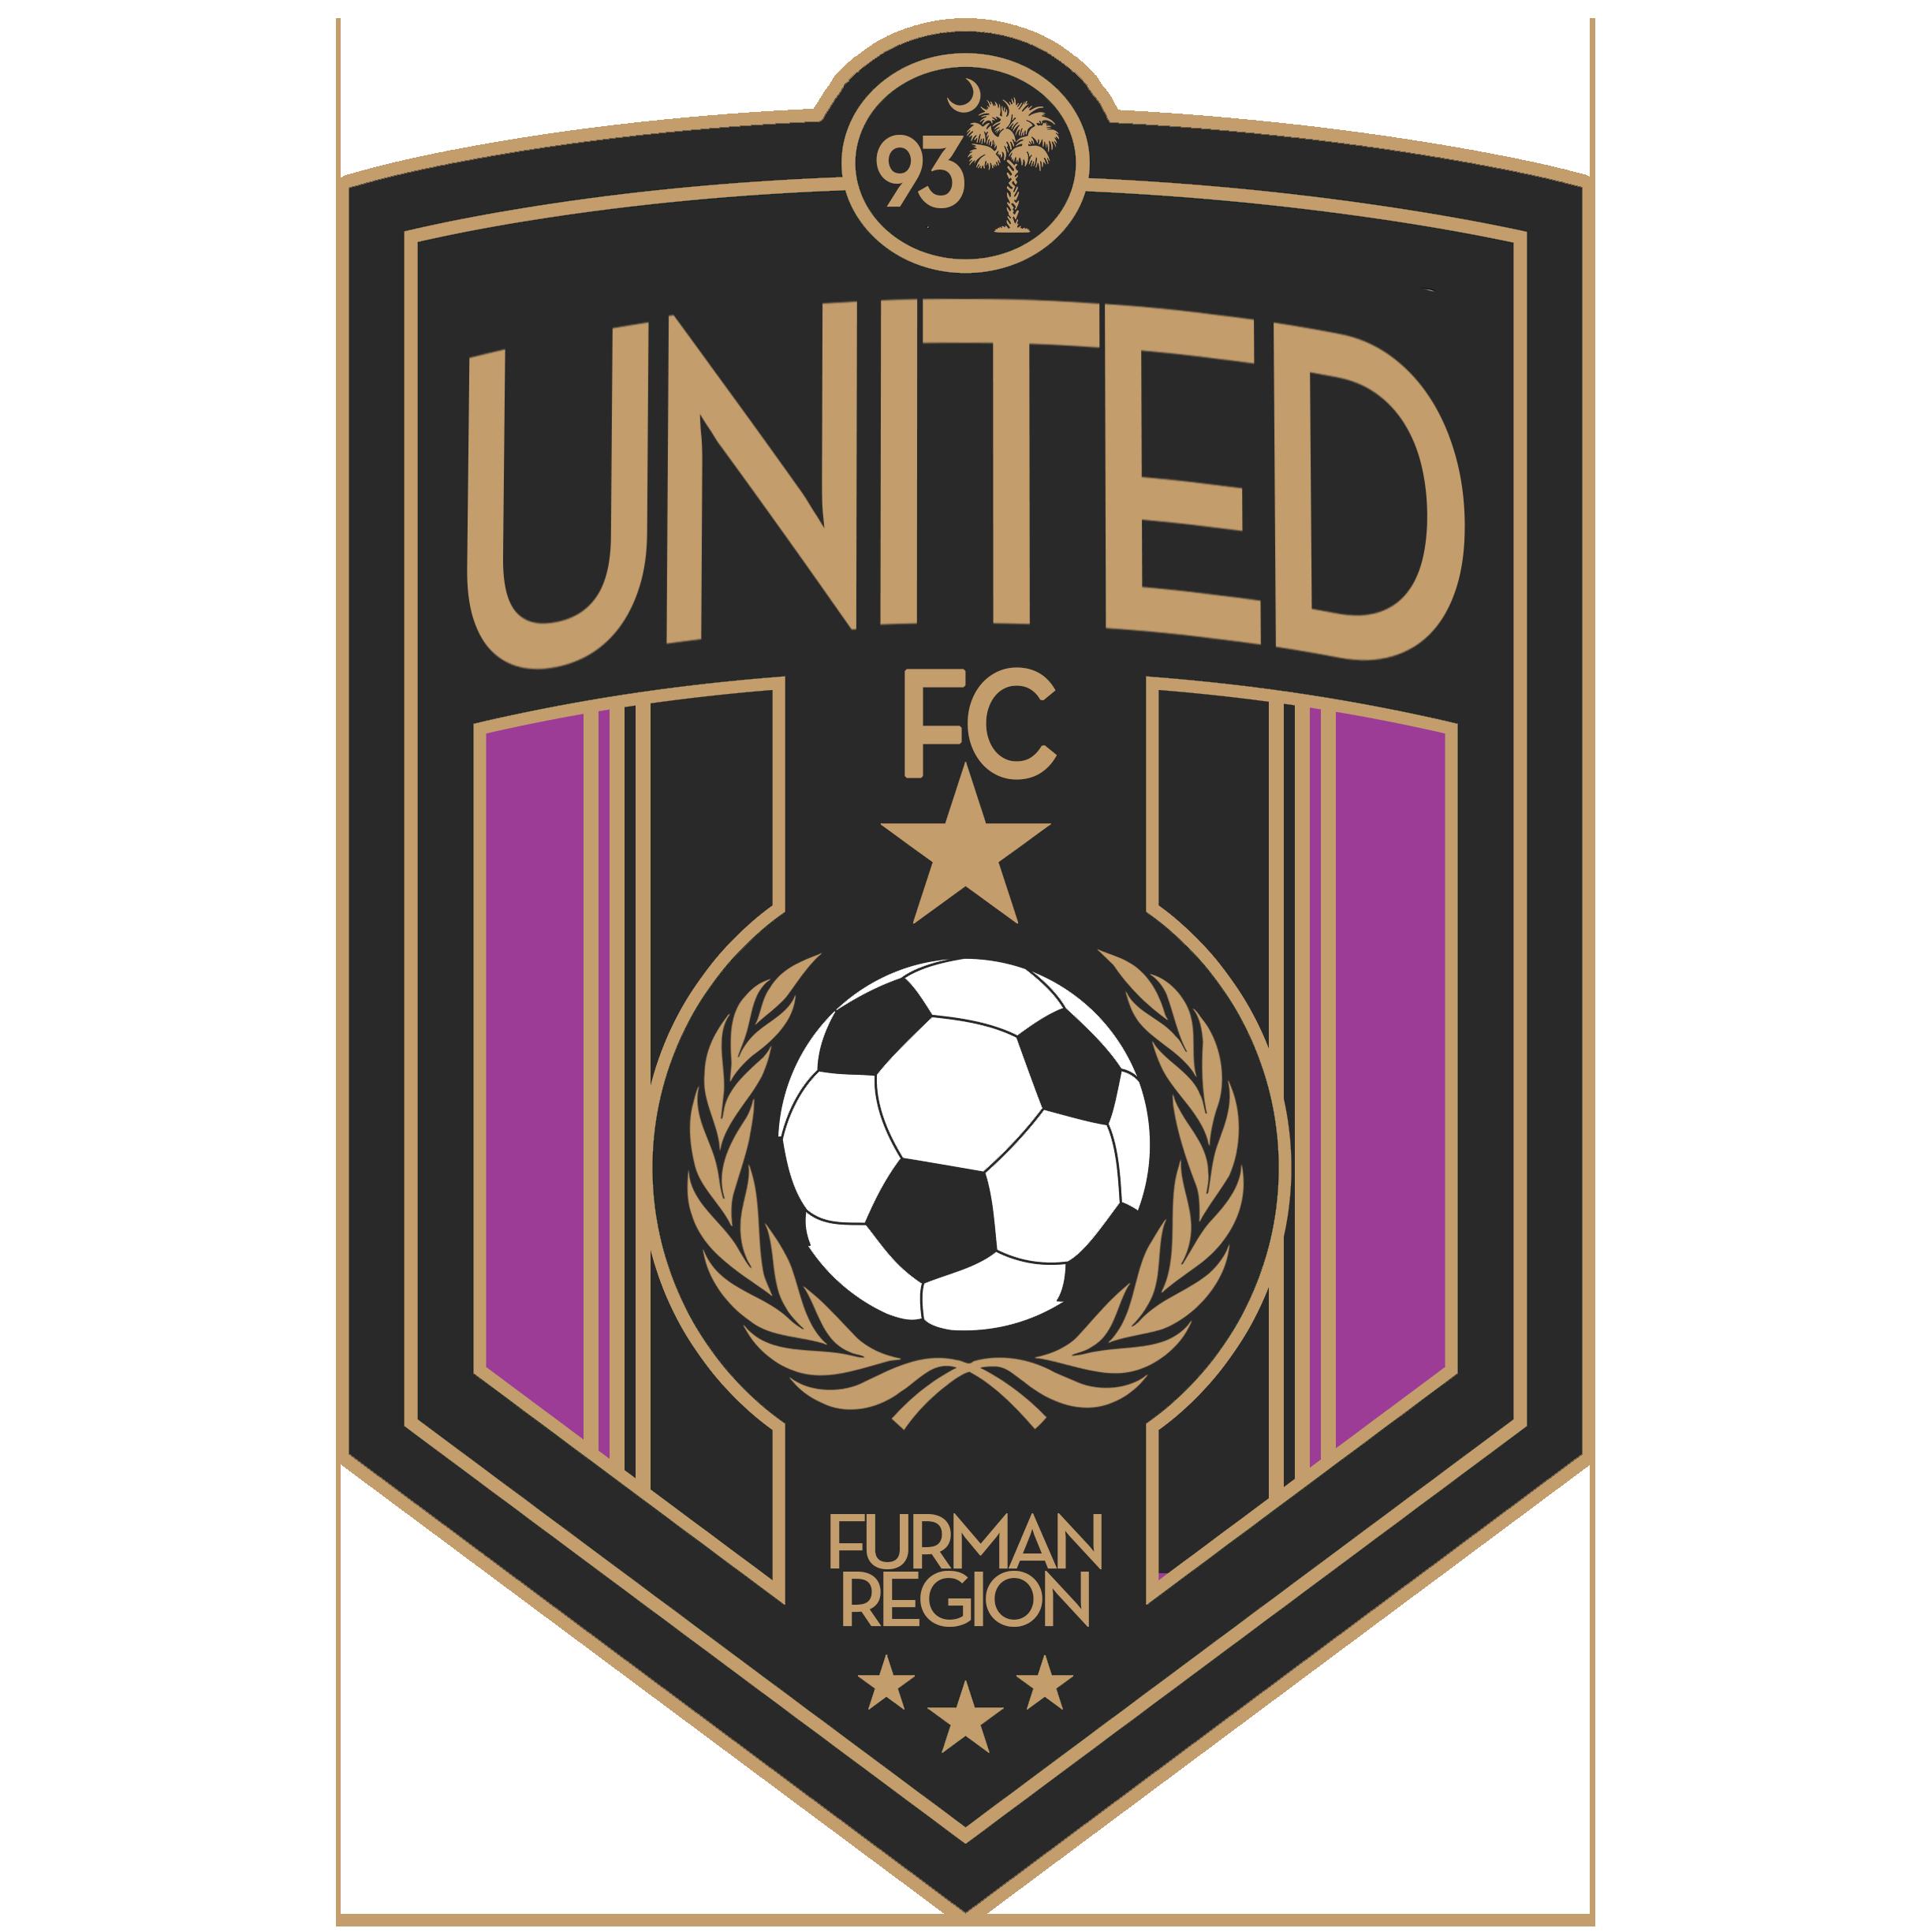 UnitedFC_2017